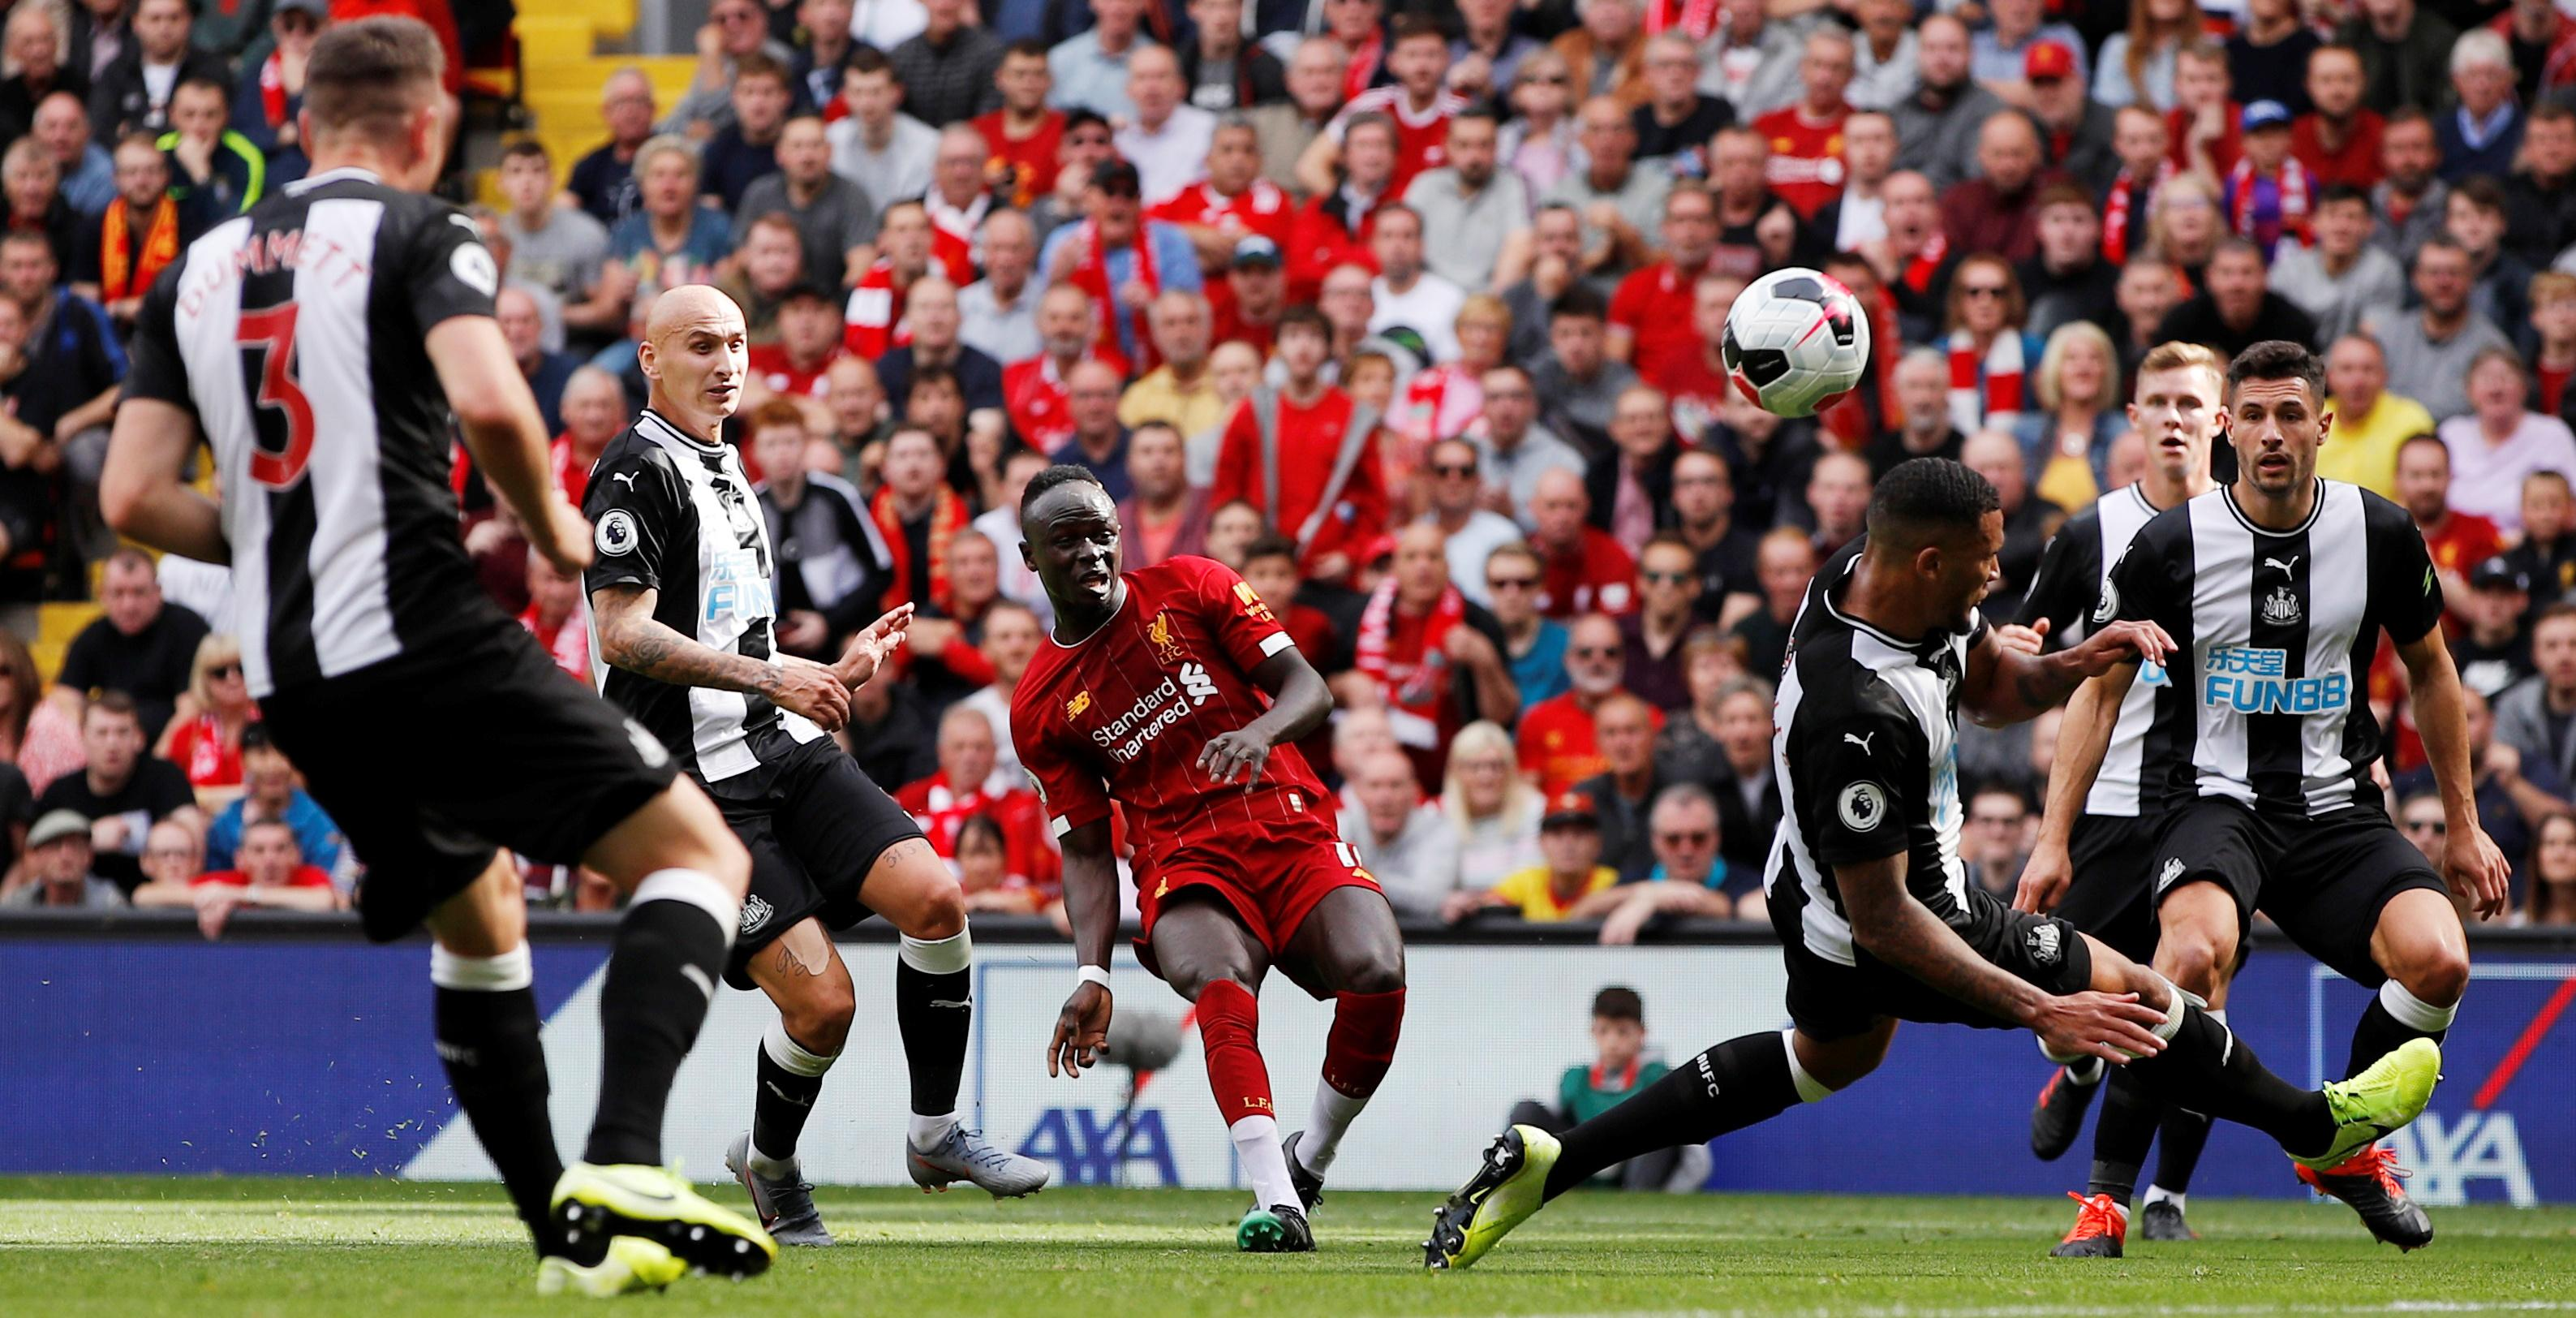 ليفربول يغرد في الصدارة بعد فوزه الساحق على نيوكاسل يونايتد وماني يتالق في الدوري الانجليزي